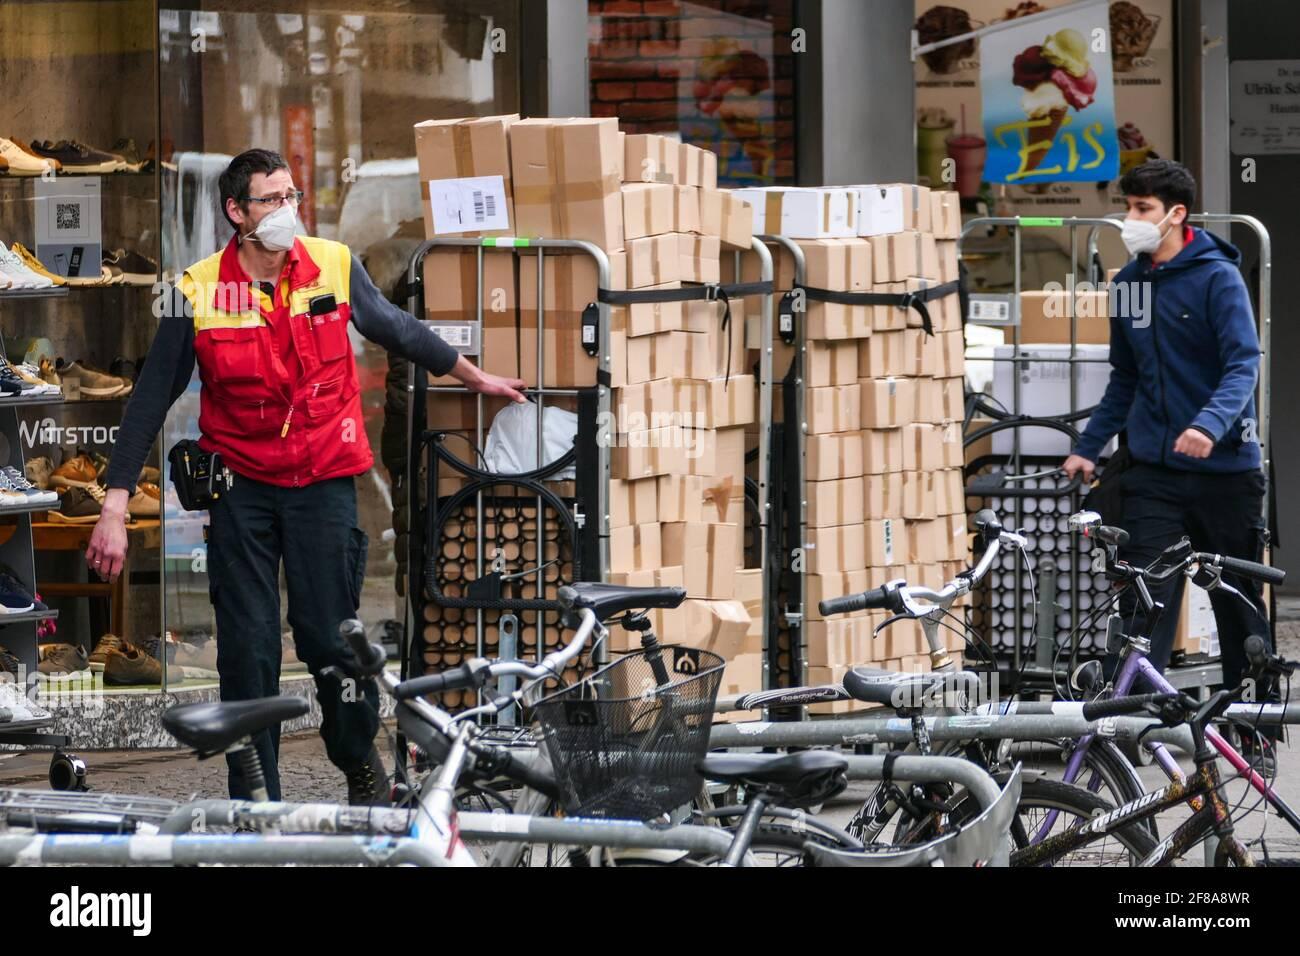 Berlin, Allemagne. 12 avril 2021. Un messager portant un masque facial transporte des colis à Berlin, capitale de l'Allemagne, le 12 avril 2021. Selon l'Institut Robert Koch (RKI), plus de trois millions d'infections à COVID-19 ont été enregistrées lundi en Allemagne depuis le début de la pandémie. Credit: Stefan Zeitz/Xinhua/Alay Live News Banque D'Images